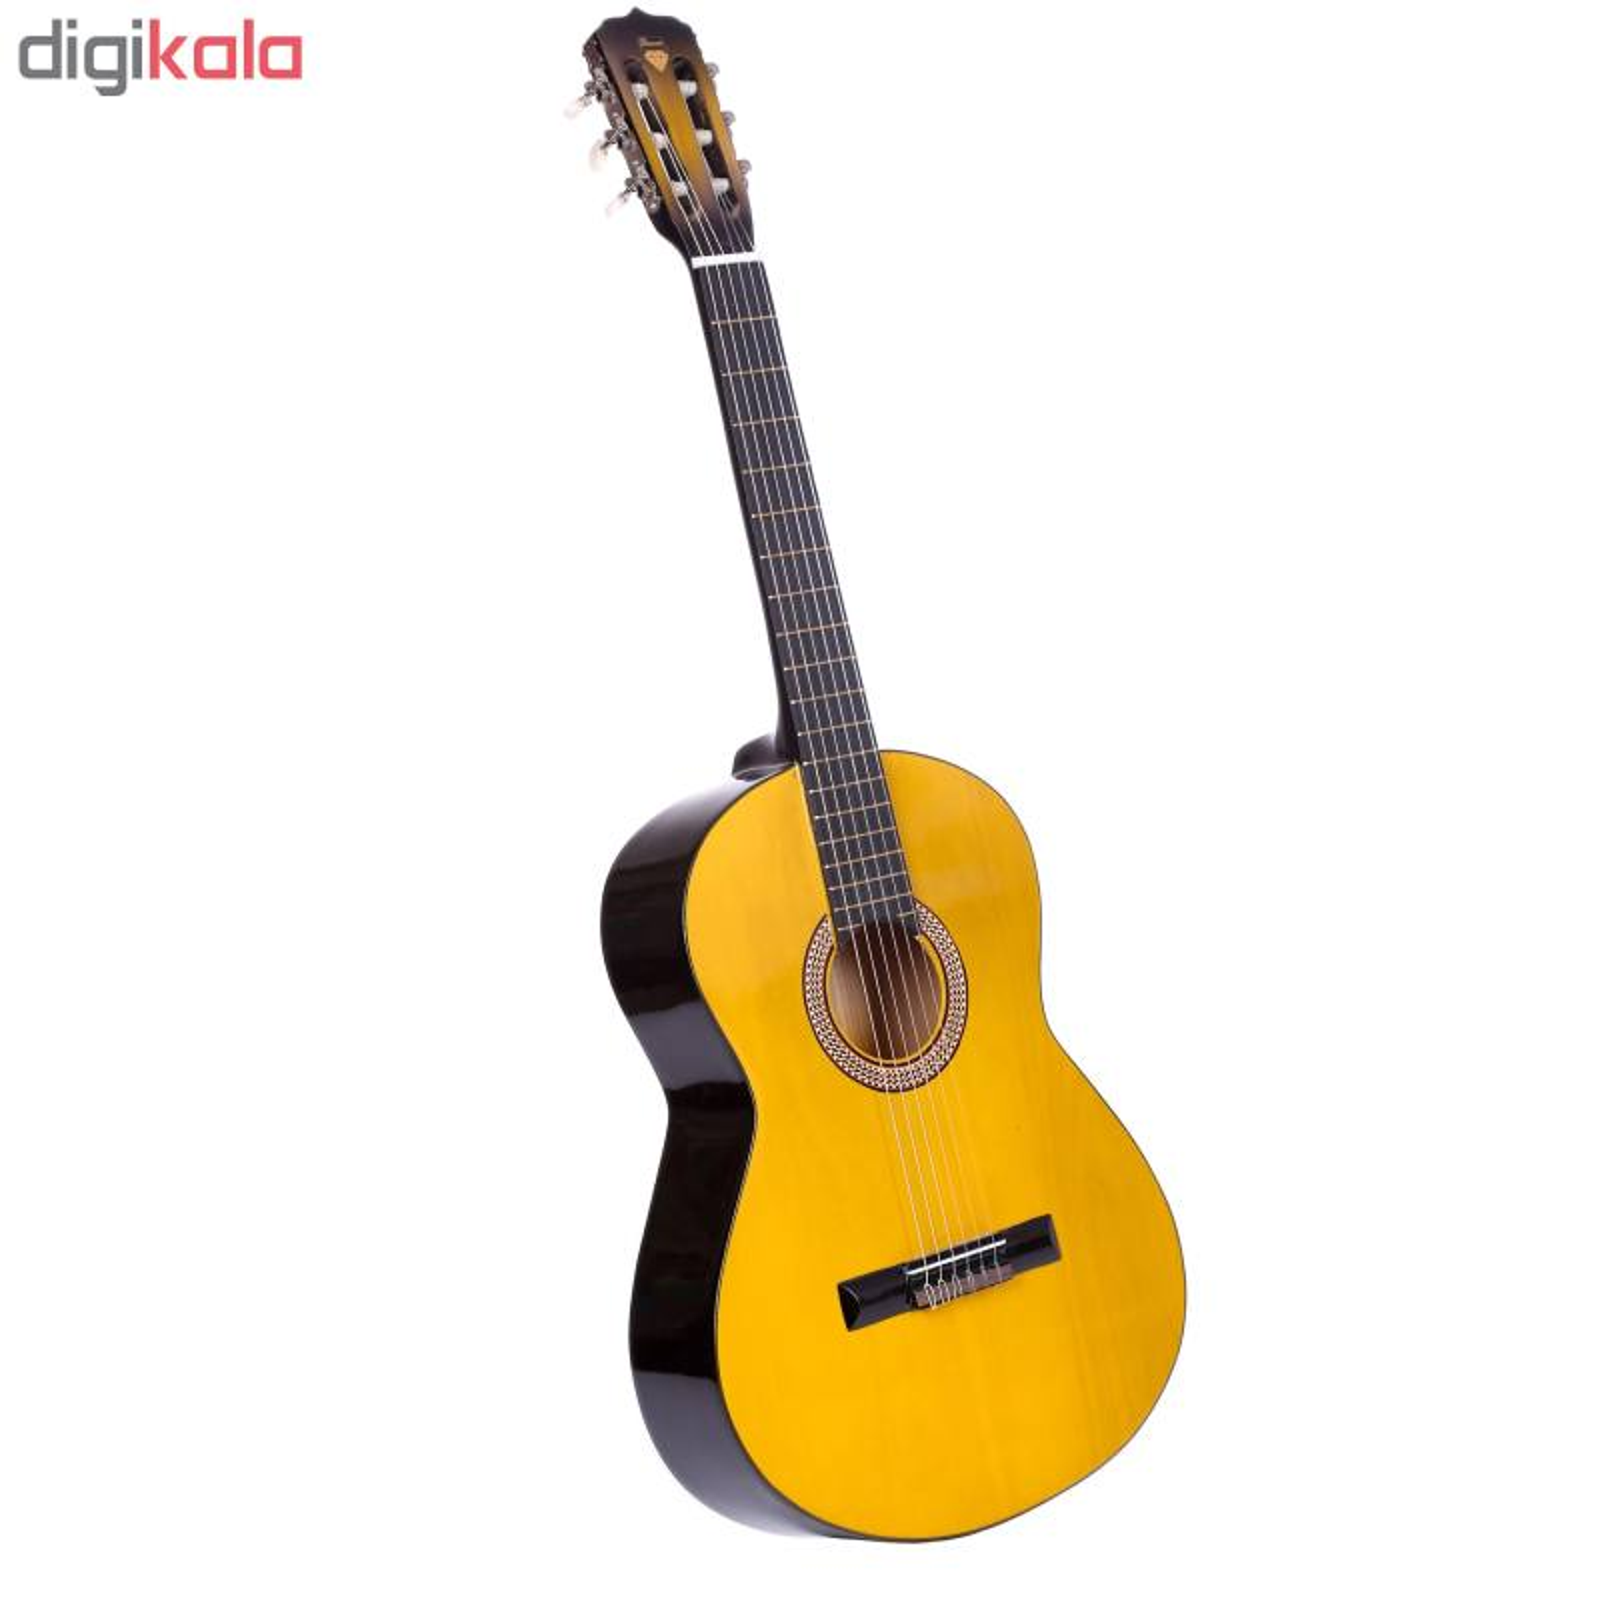 گیتار دایموند مدل TS600 main 1 1